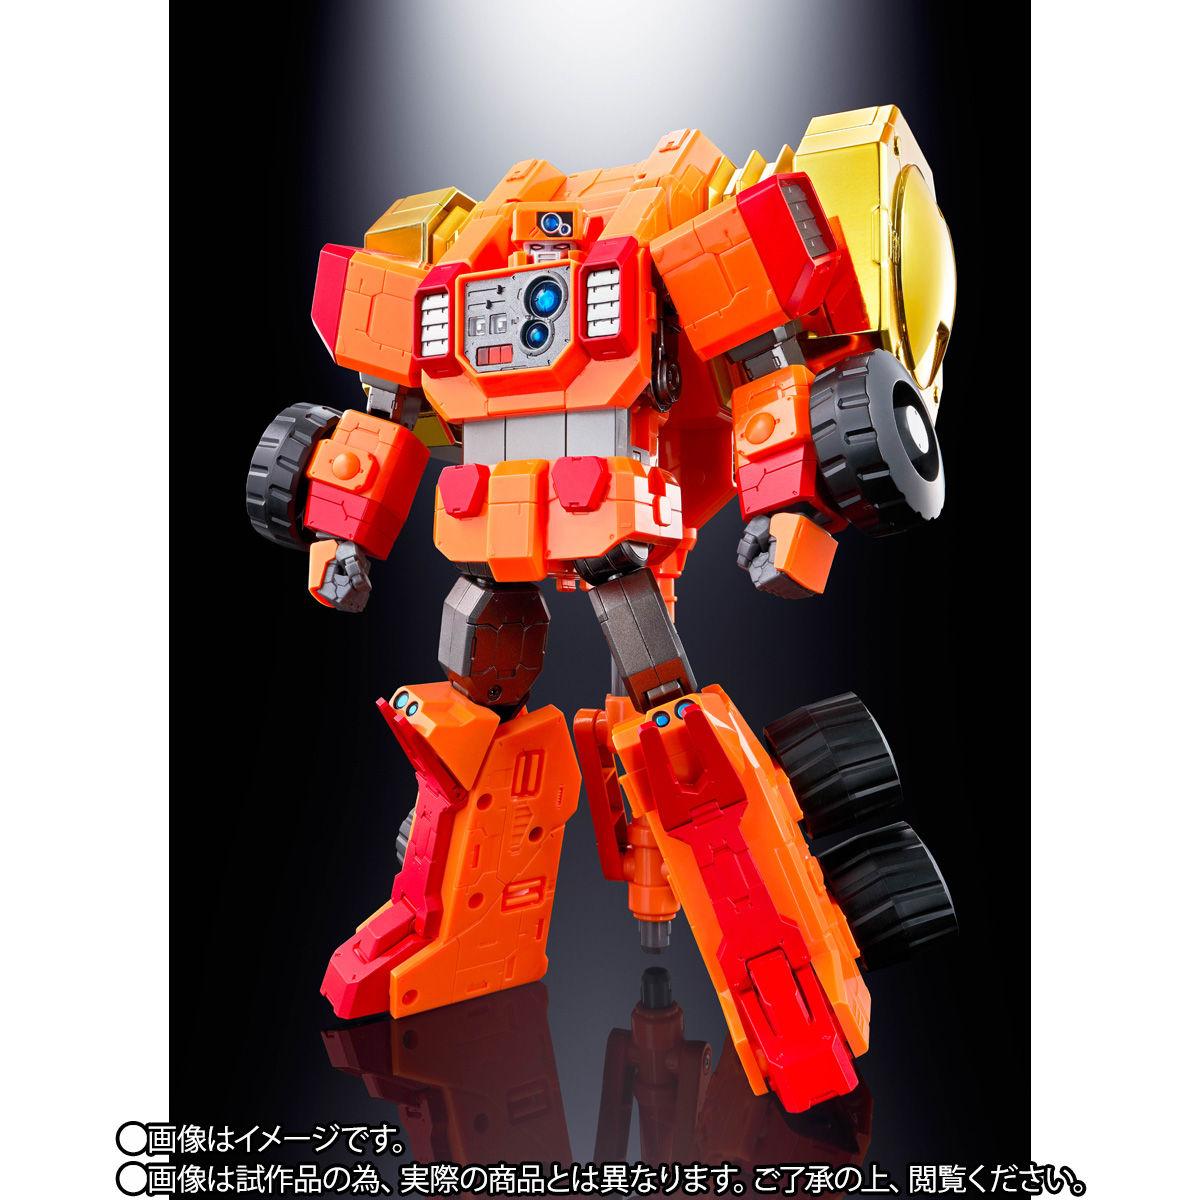 【限定販売】超合金魂『GX-69R ゴルディーマーグ【究極の勇者王Ver.】』可動フィギュア-003